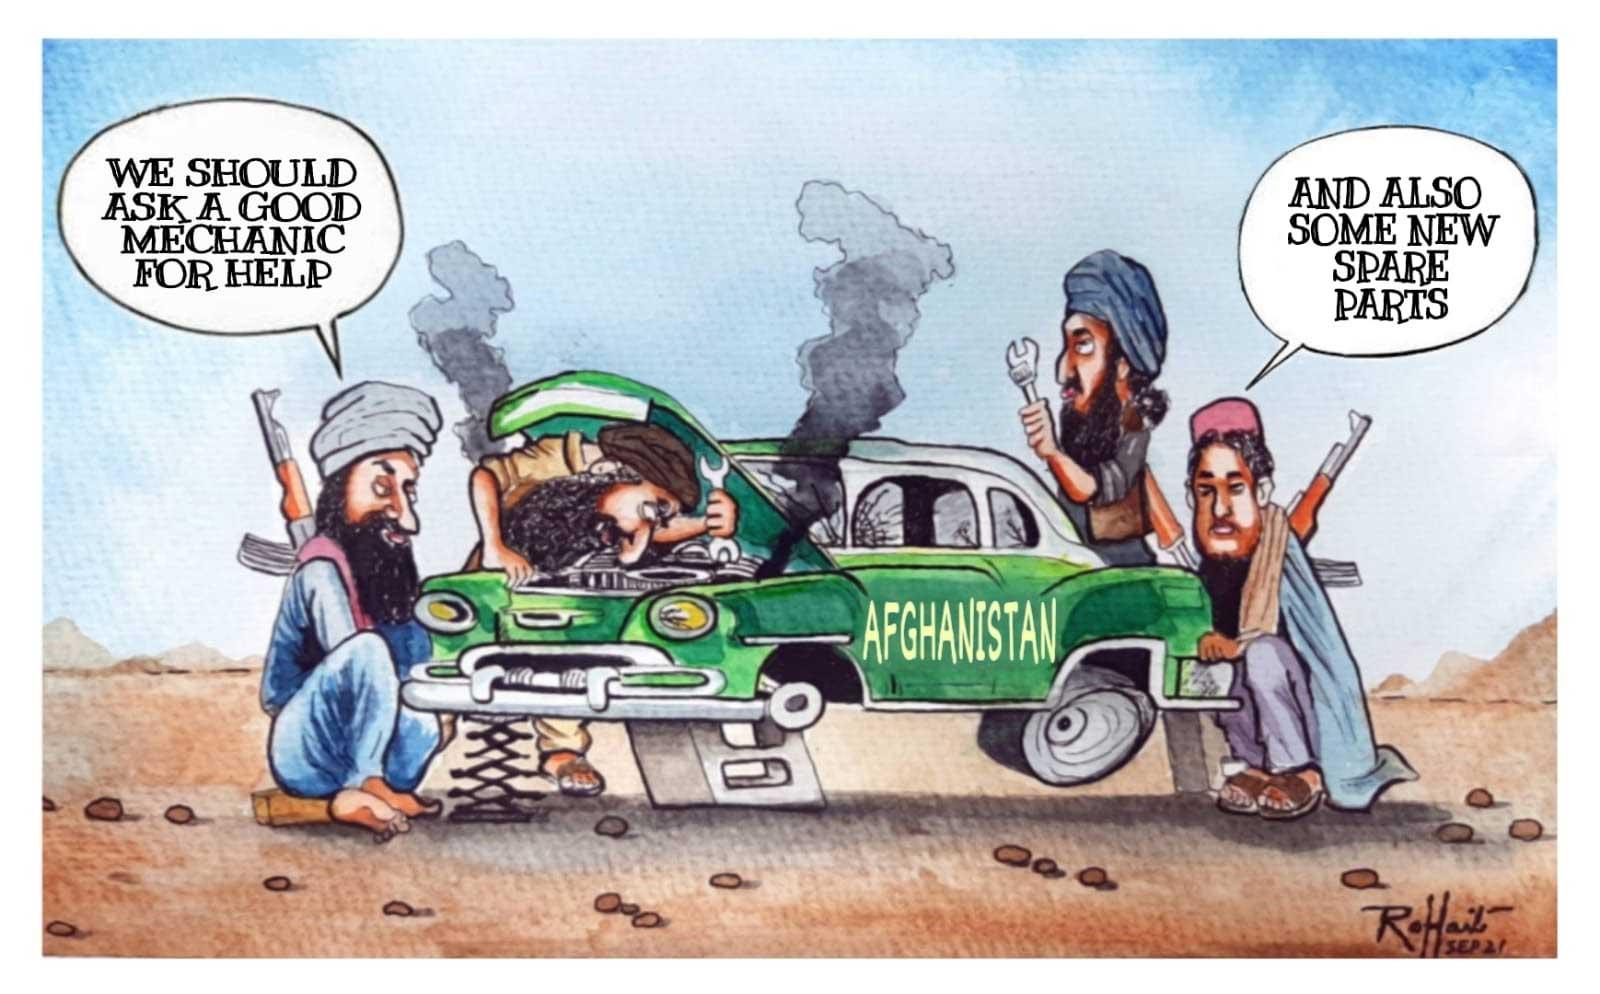 Cartoon by Rohait Bhagwant.